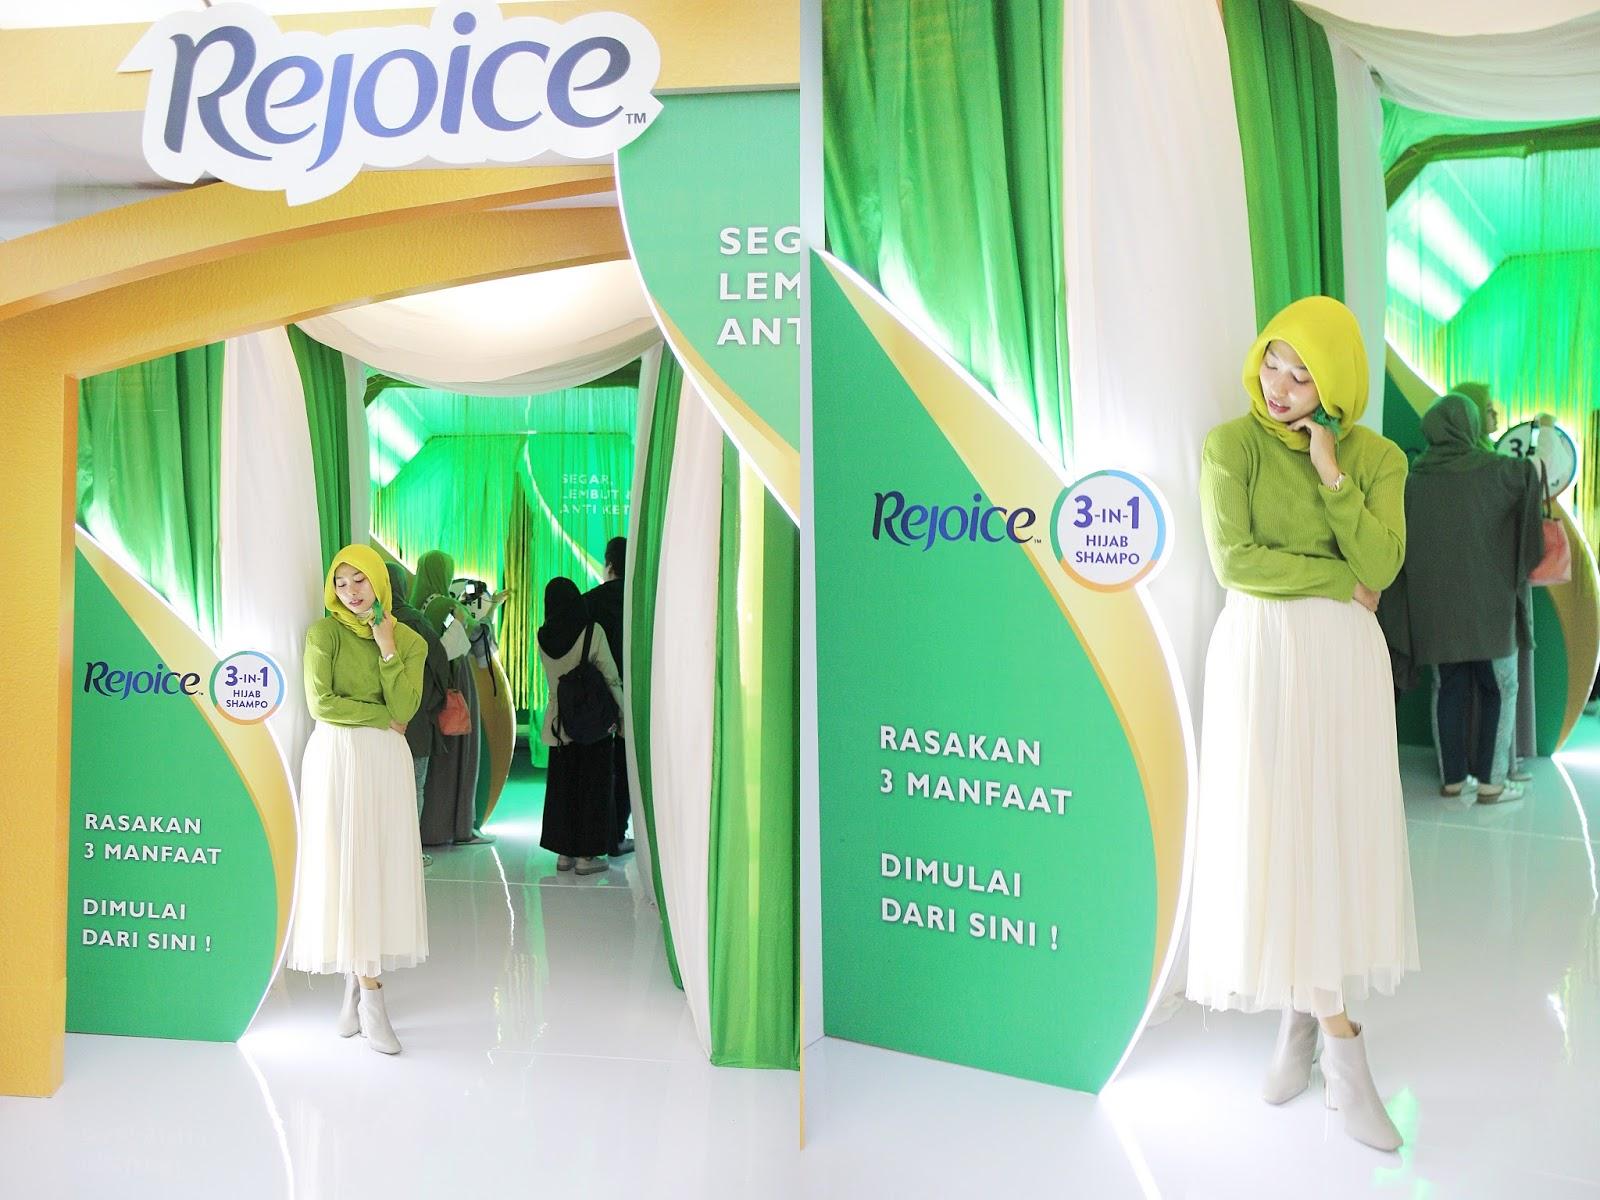 Rima Suwarjono Event Report Review Launching Rejoice Hijabisa Shampo Hijab Kami Bangga Sekali Meluncurkan Sampo Yang Didesain Khusus Untuk Masalah Rambut Menggunakan Agar Perempuan Berhijab Bisa Terus Berekspresi